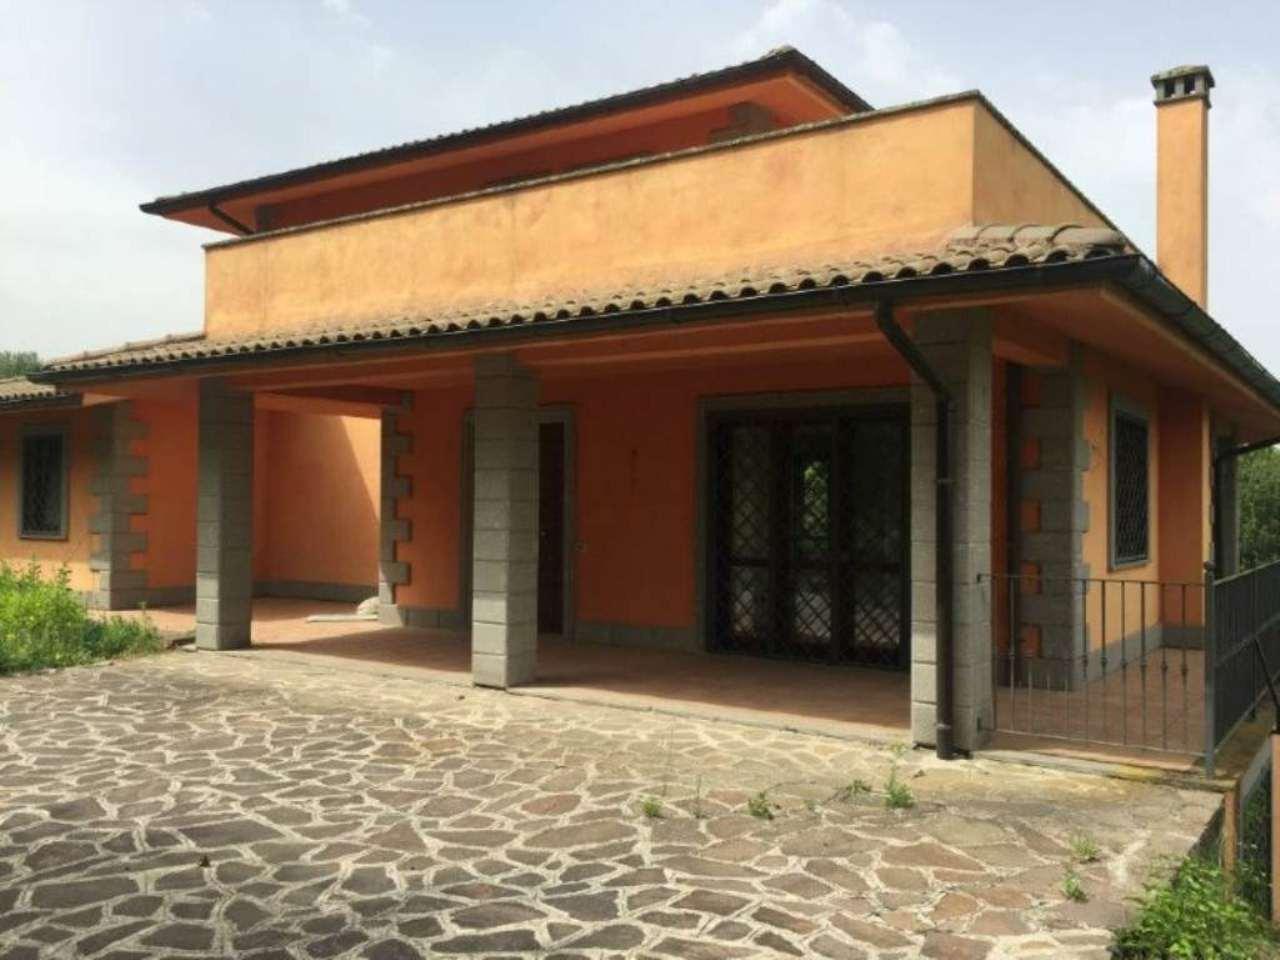 Villa in vendita a Campagnano di Roma, 10 locali, Trattative riservate | CambioCasa.it